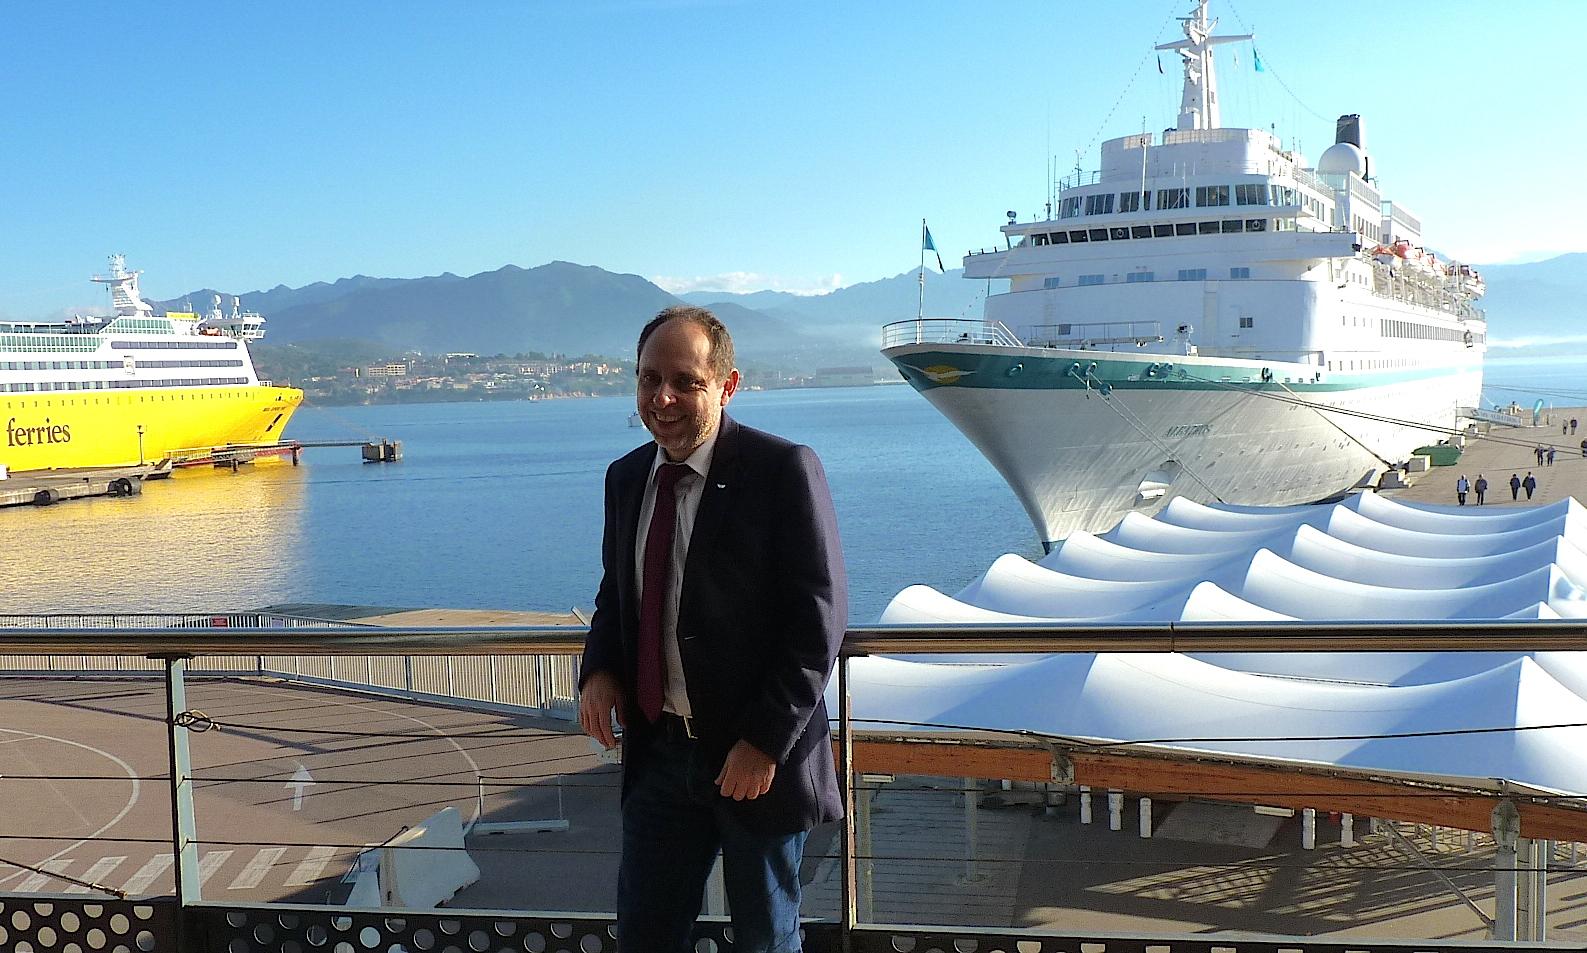 Croisières : Record historique avec plus de 500 000 passagers pour Ajaccio, 2e port français